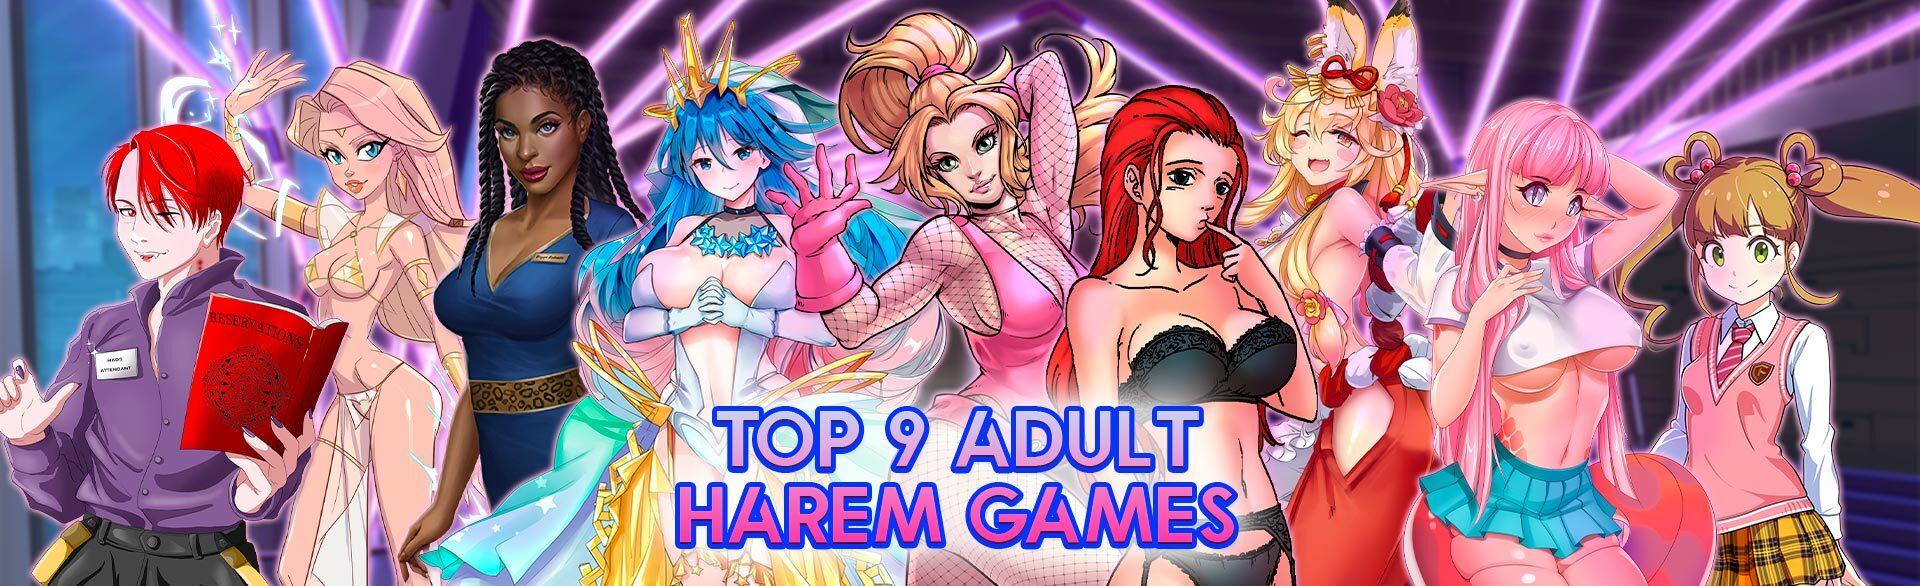 Top Adult Harem Games